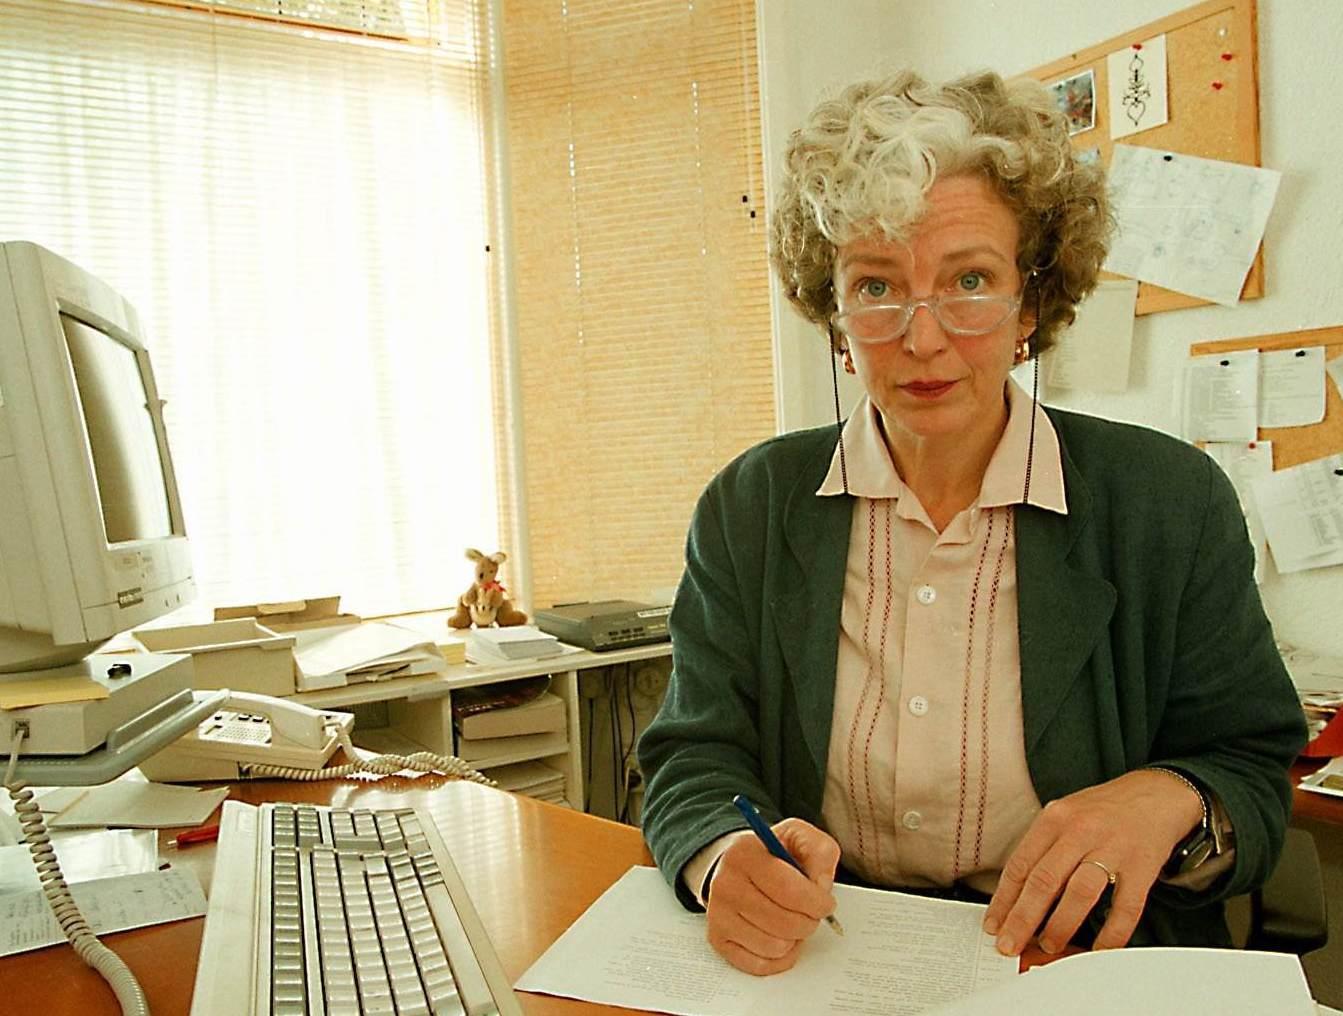 Kea Fogelberg (1950 - 2021) streed voor het lot van de kwetsbaren